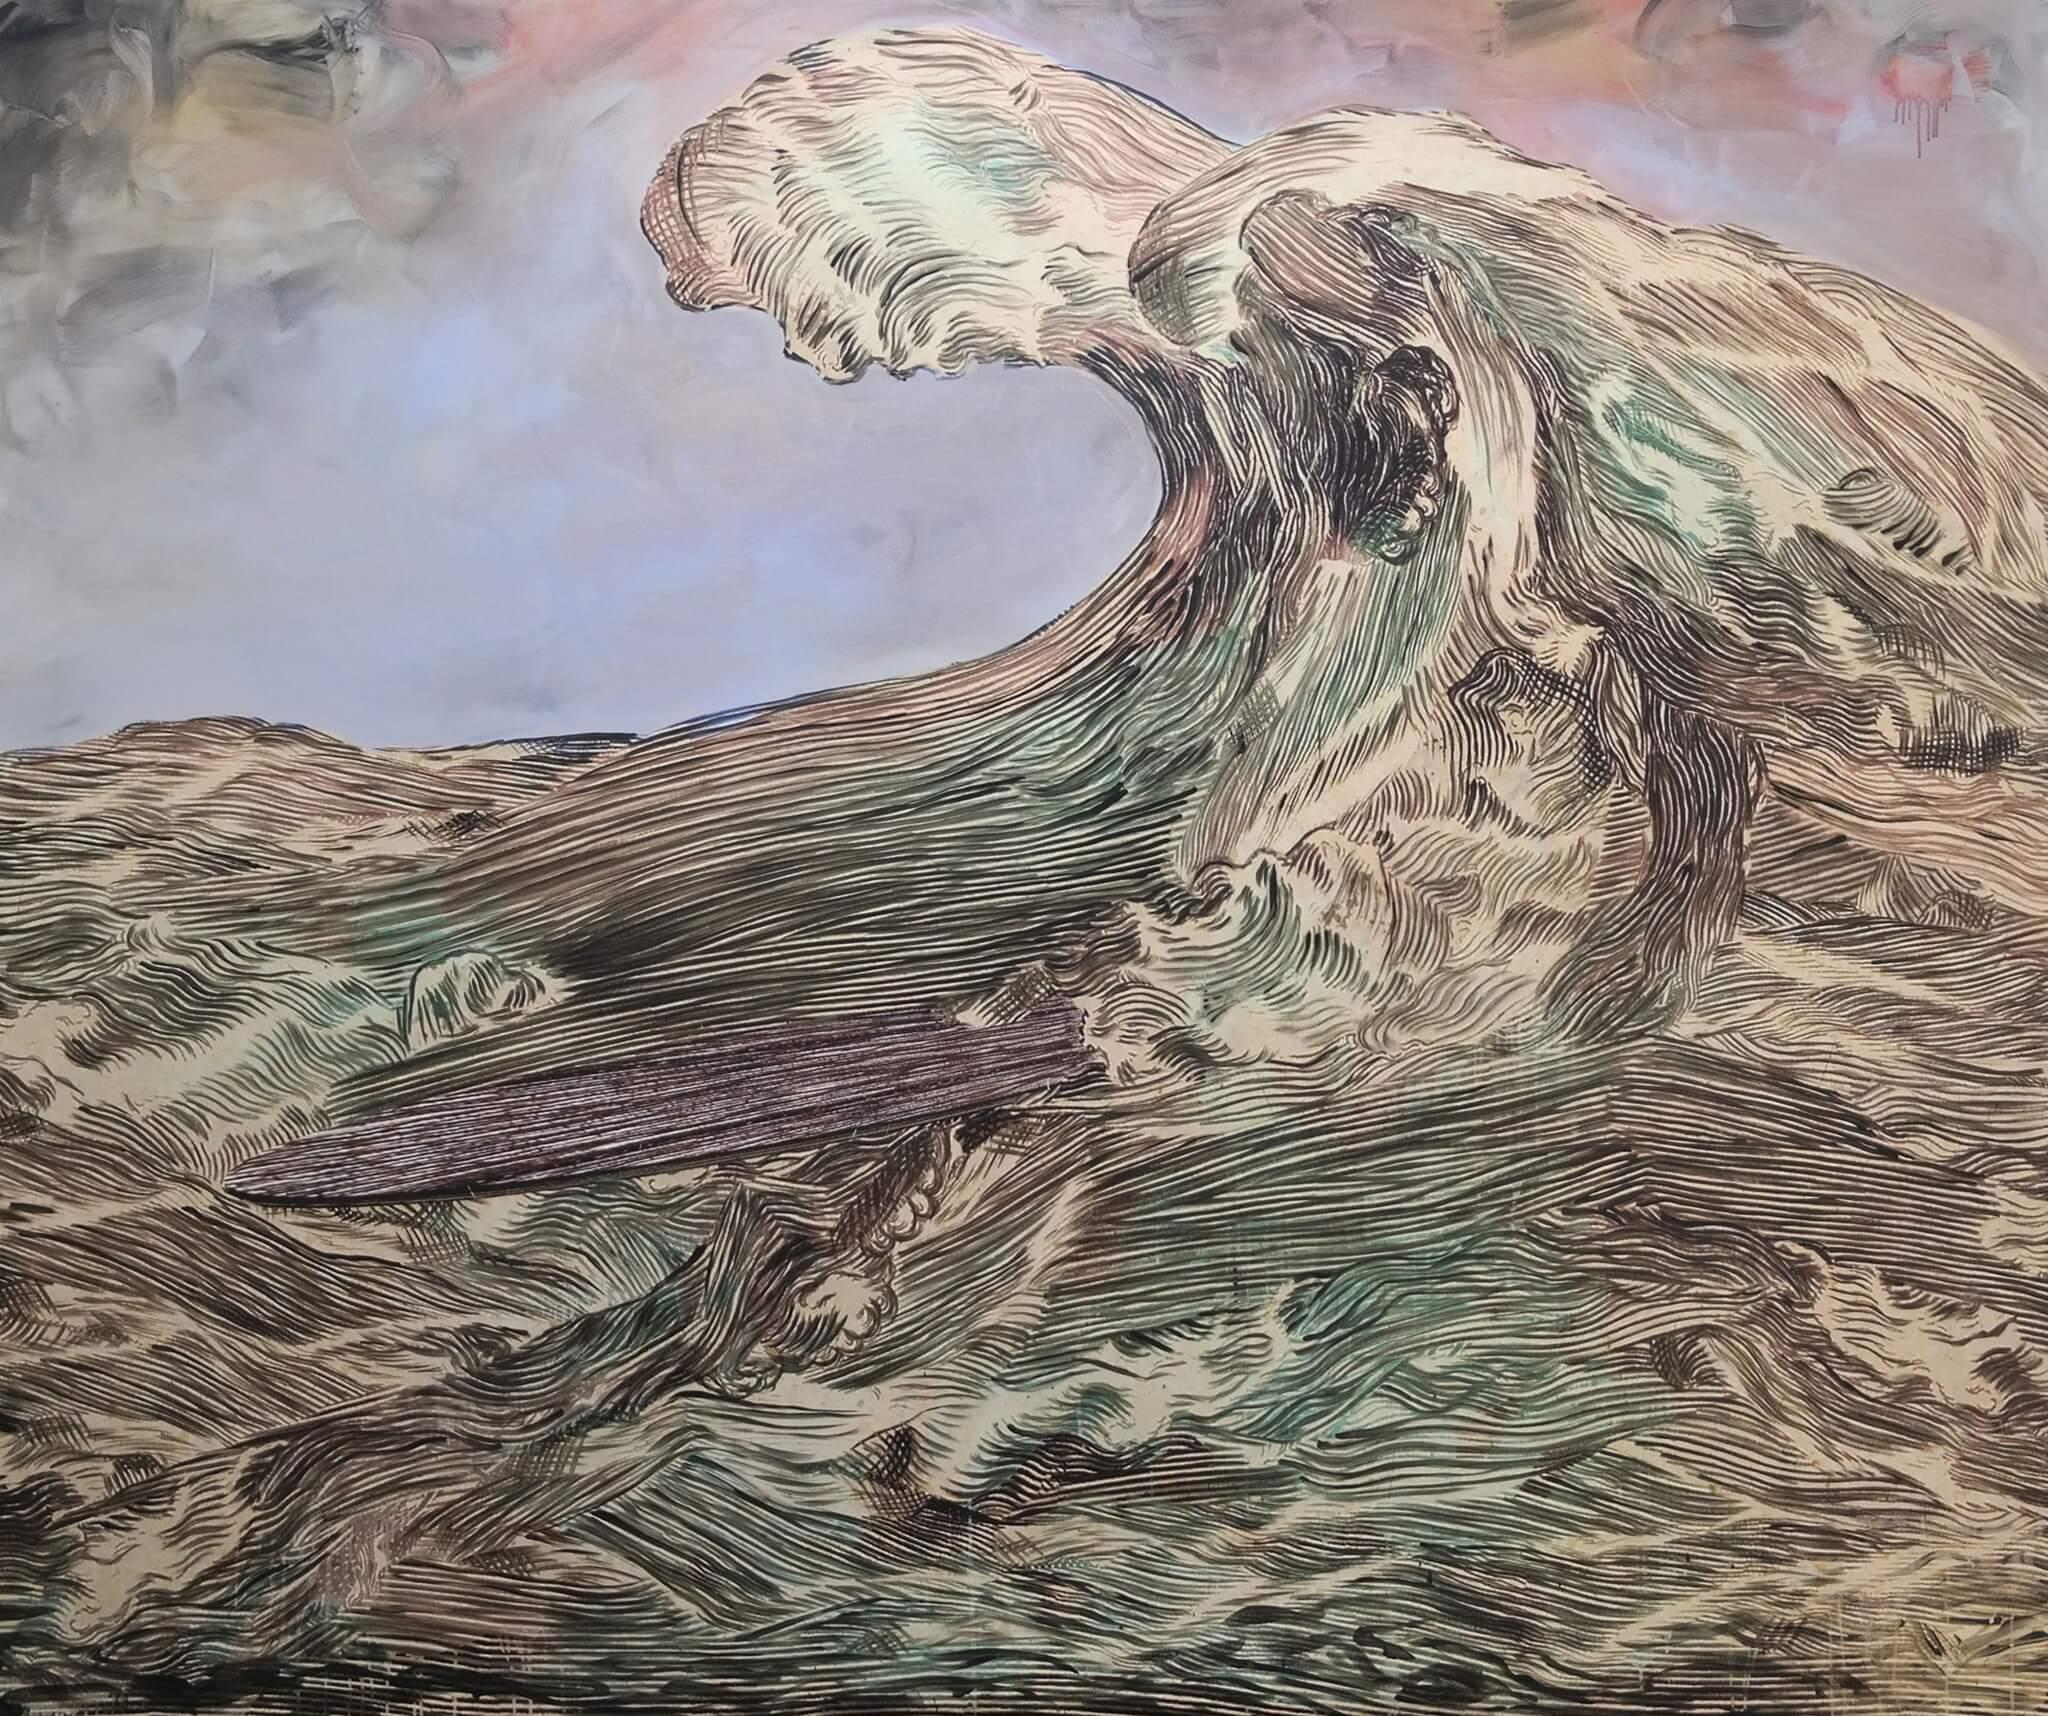 Hans Weigand, Ghostsurfer, 2014 Courtesy der Künstler und Gabriele Senn Galerie, Wien © Hans Weigand Acryl auf Leinwand.